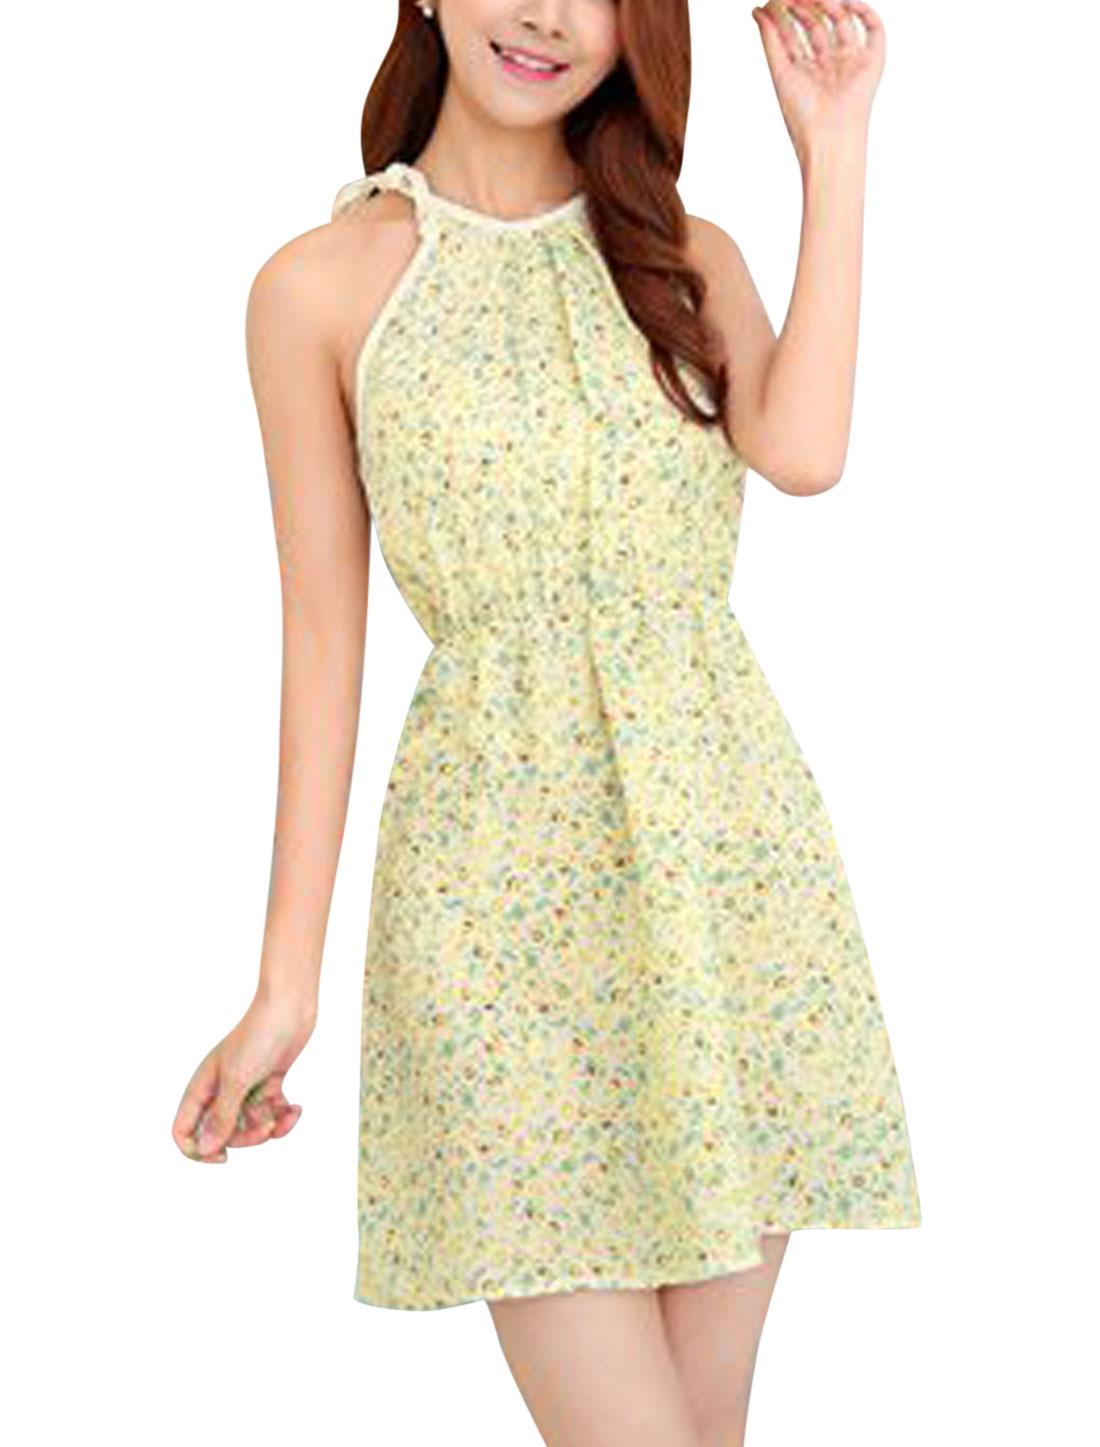 Women Cut Out Back Halter Neck Floral Print Summer Dress Beige Green XS